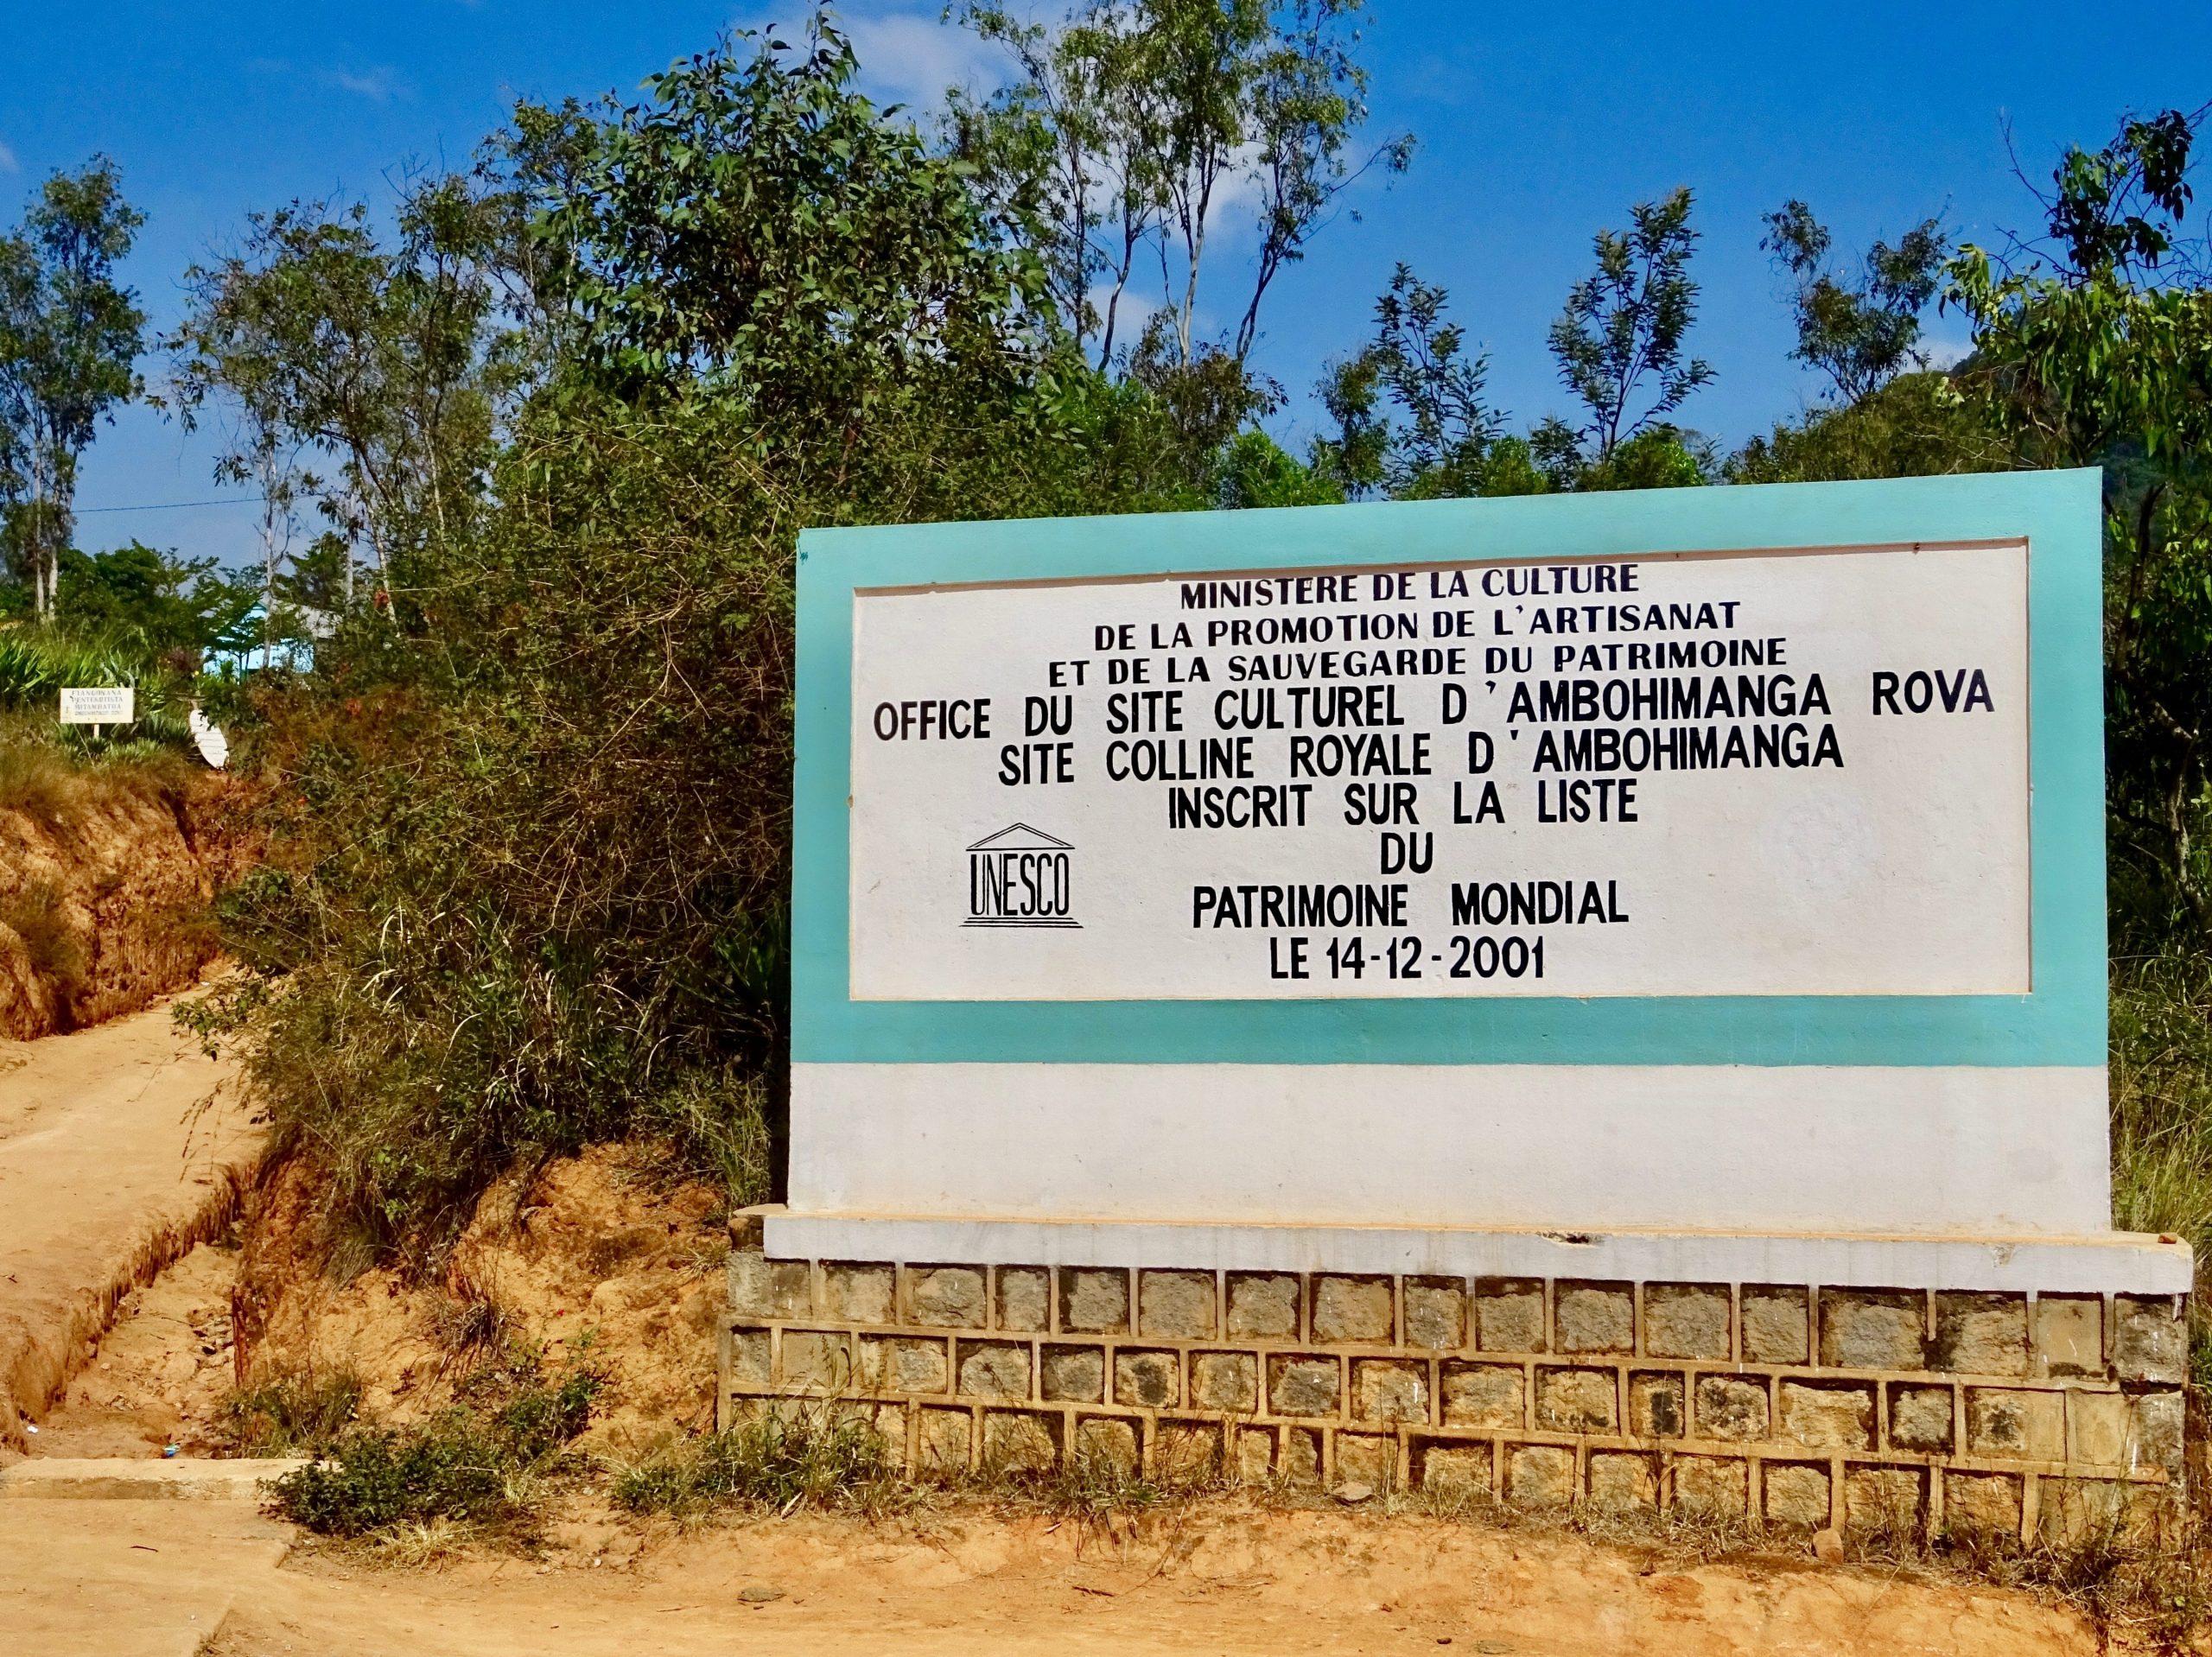 Het Unesco bord voor Paleis Ambohimanga